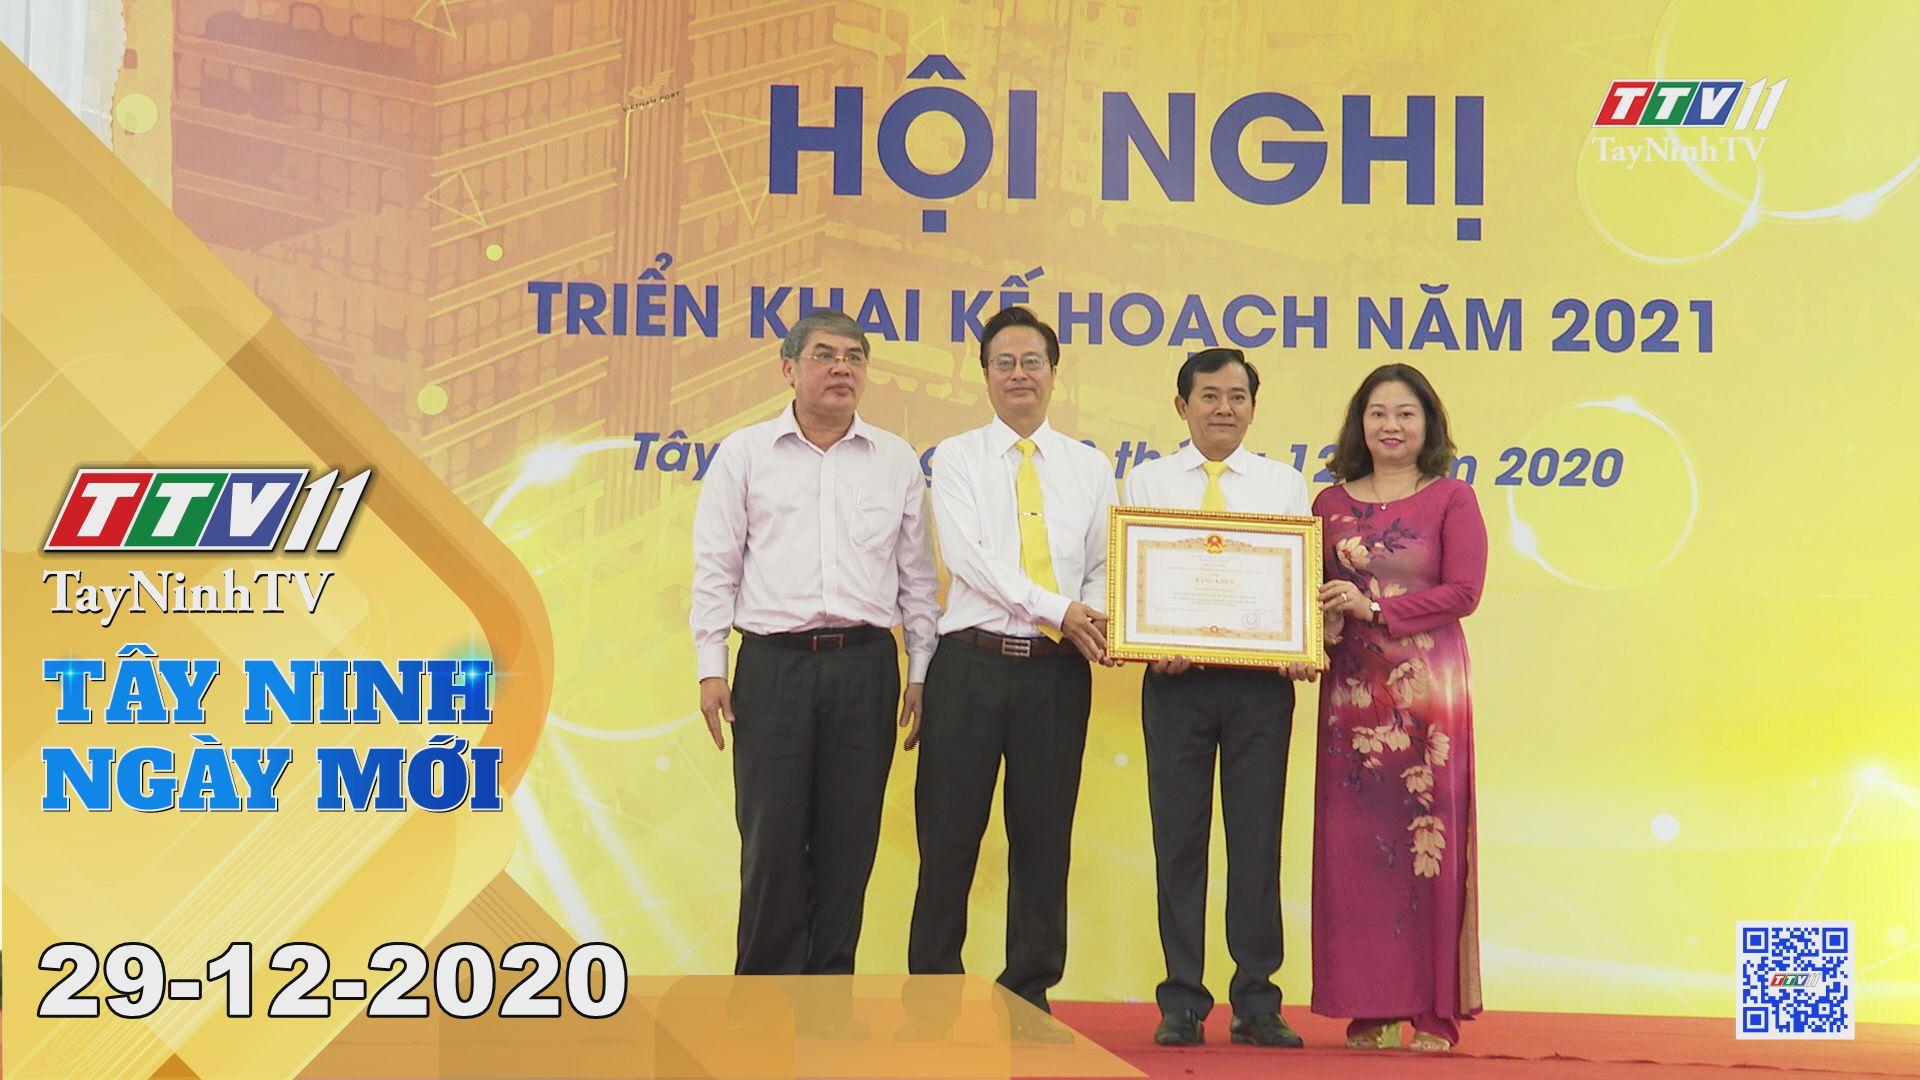 Tây Ninh Ngày Mới 29-12-2020 | Tin tức hôm nay | TayNinhTV